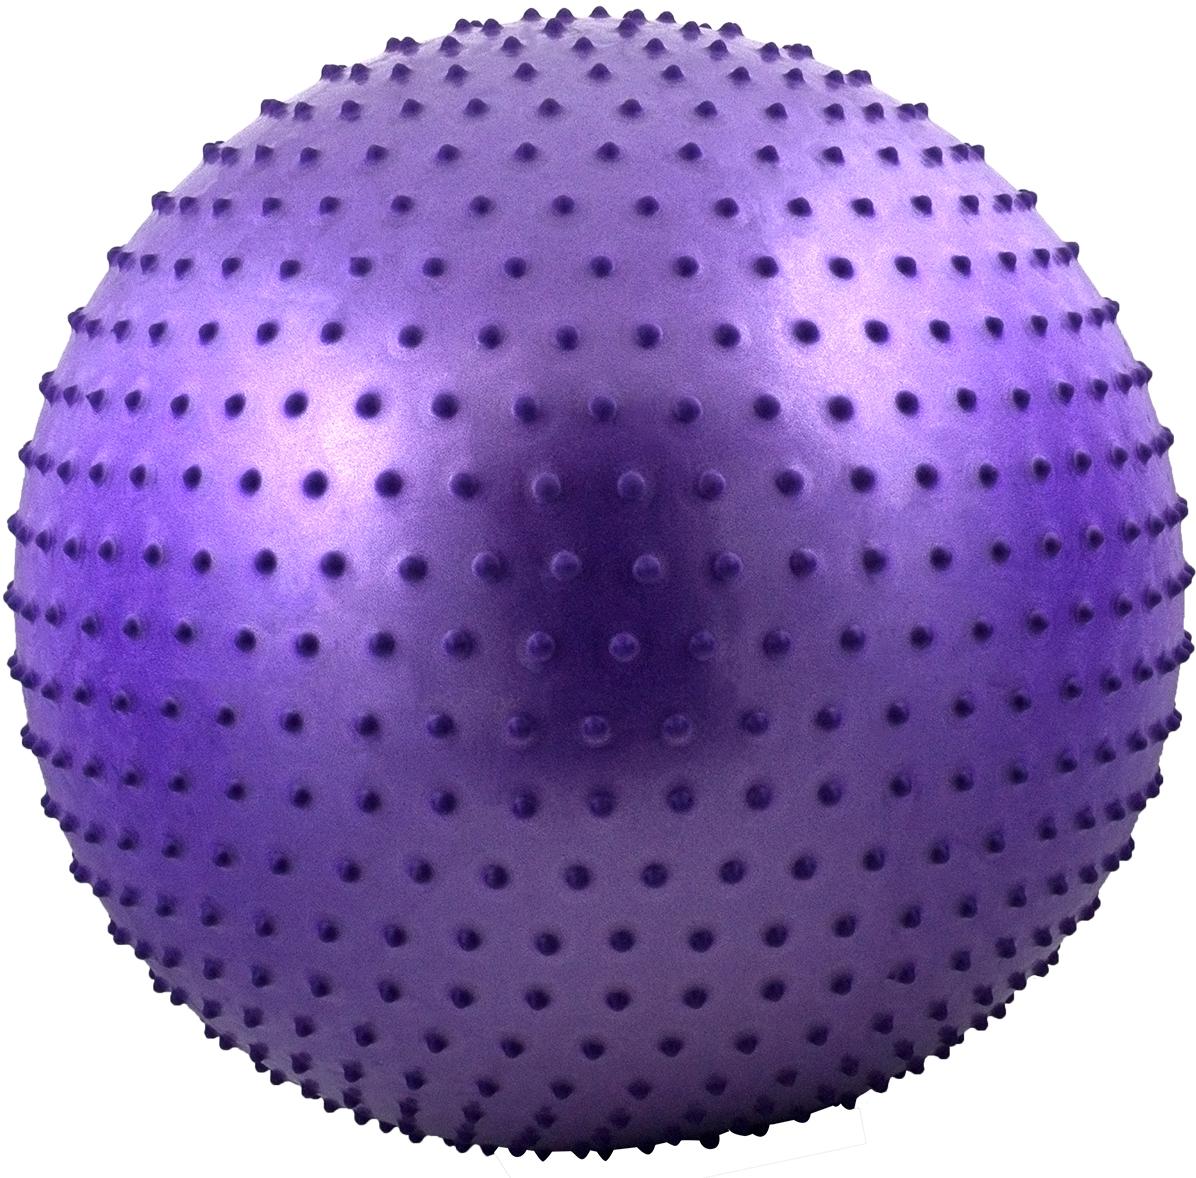 Мяч гимнастический Starfit, антивзрыв, массажный, цвет: фиолетовый, диаметр 75 смУТ-00008867Мяч Star Fit предназначен для гимнастических и медицинских целей в лечебных упражнениях. Он выполнен из прочного гипоаллергенного ПВХ. Прекрасно подходит для использования в домашних условиях. Данный мяч можно использовать для: реабилитации после травм и операций, восстановления после перенесенного инсульта, стимуляции и релаксации мышечных тканей, улучшения кровообращения, лечении и профилактики сколиоза, при заболеваниях или повреждениях опорно-двигательного аппарата.УВАЖЕМЫЕ КЛИЕНТЫ!Обращаем ваше внимание на тот факт, что мяч поставляется в сдутом виде. Насос не входит в комплект.Йога: все, что нужно начинающим и опытным практикам. Статья OZON Гид